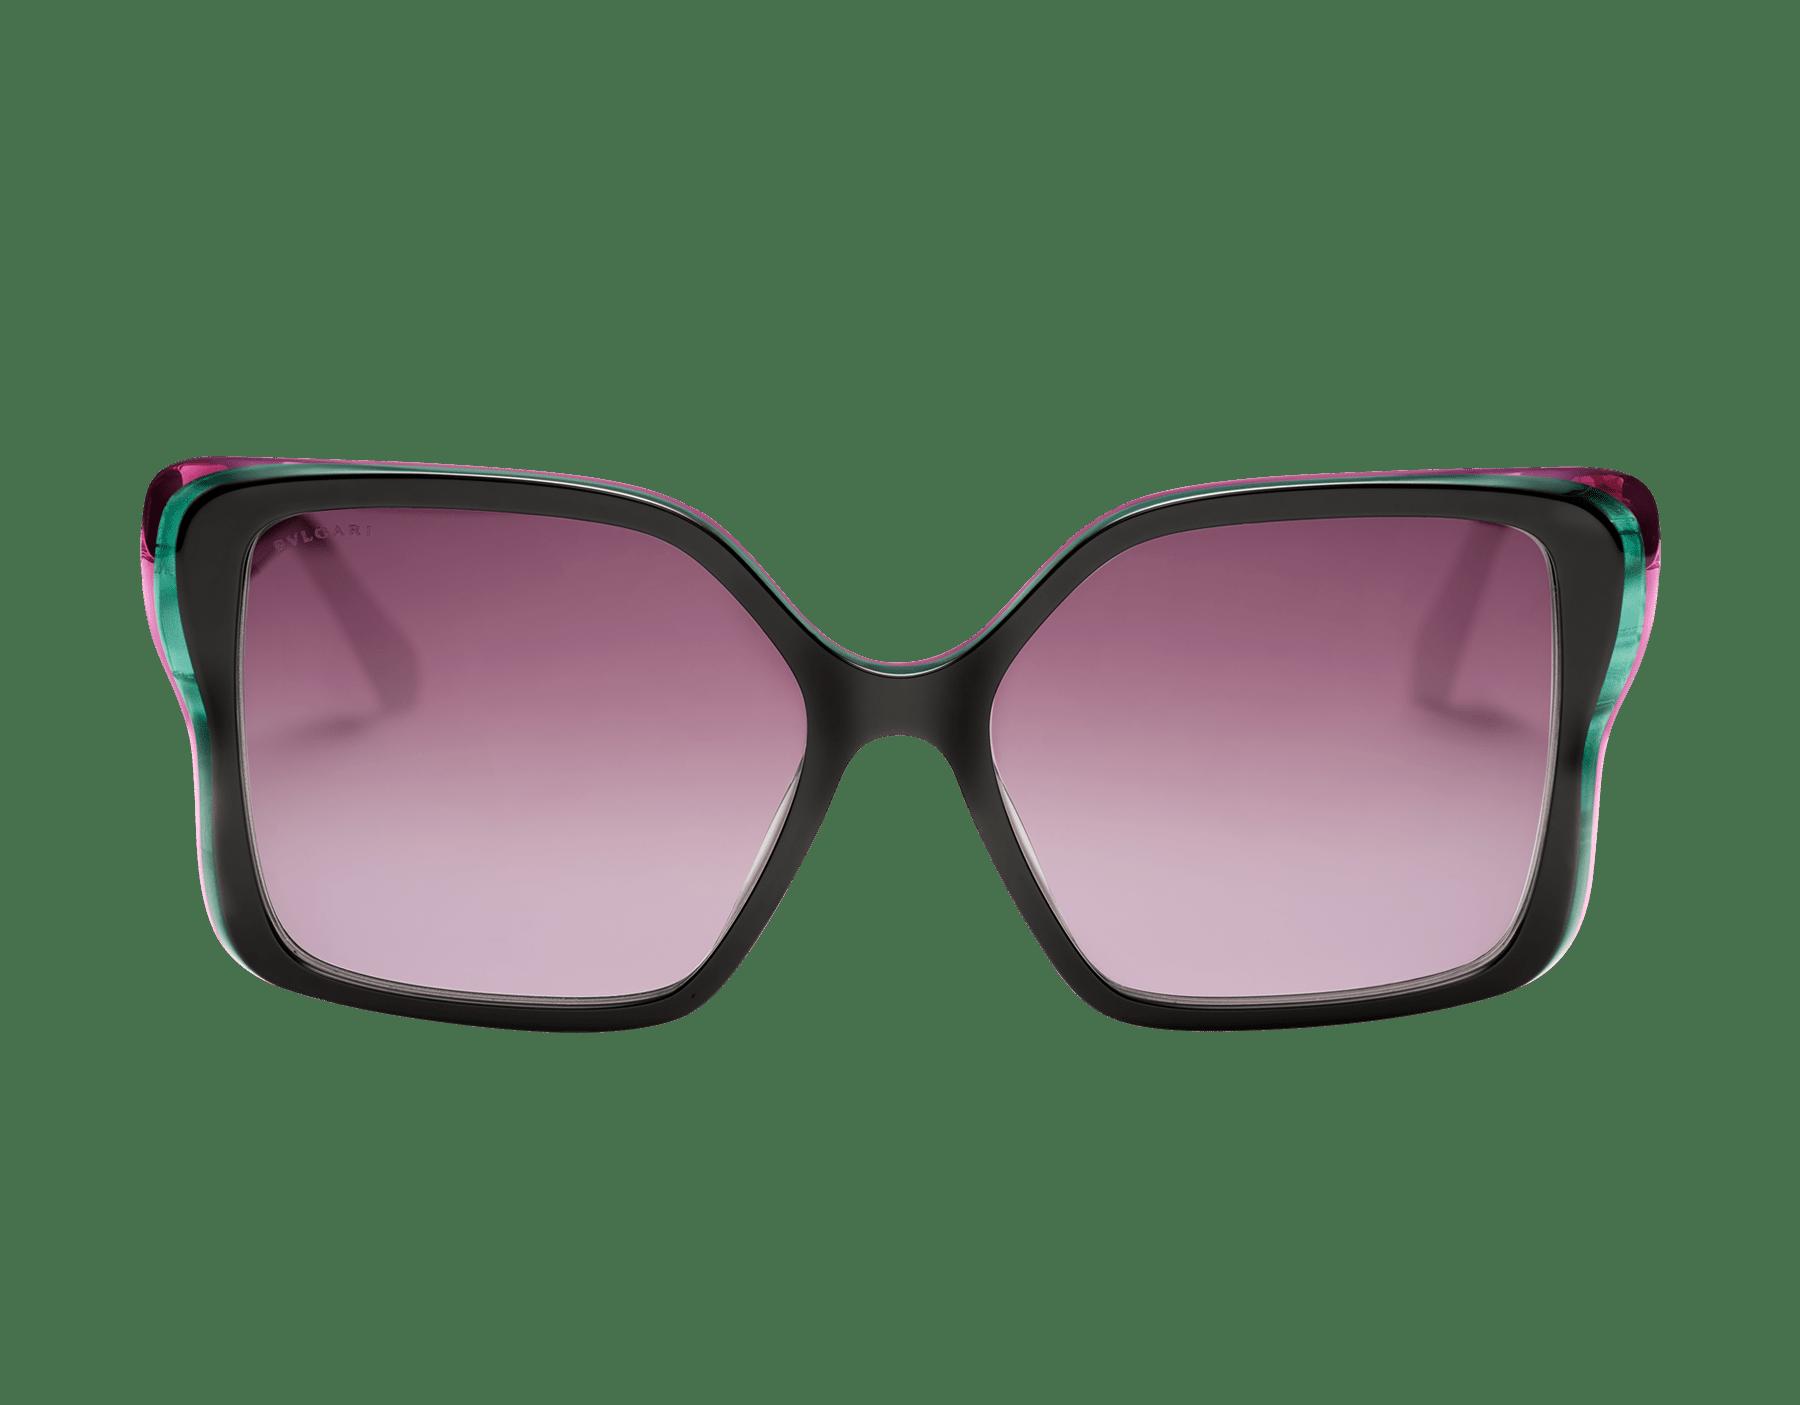 نظارات شمسية سيربنتي «باك-تو-سكيل» من الأسيتات بشكل فراشة 904055 image 2